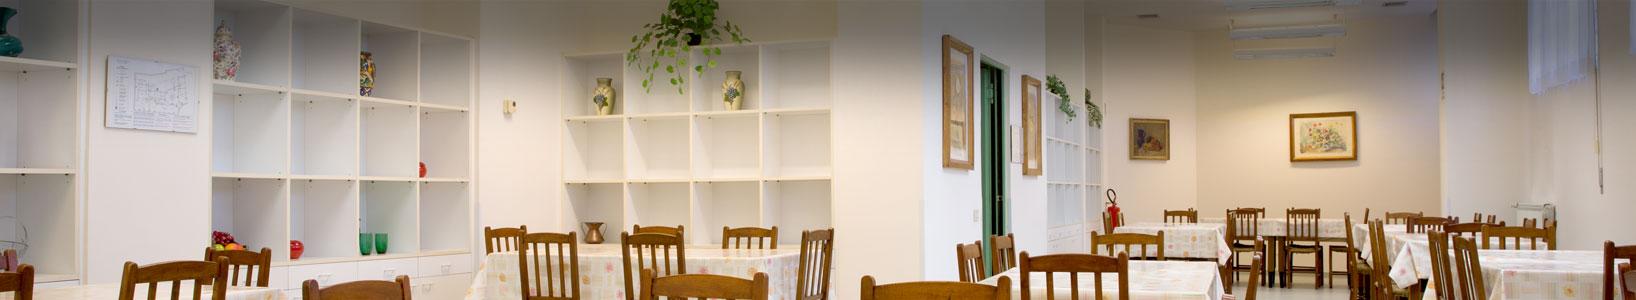 sala-pranzo2